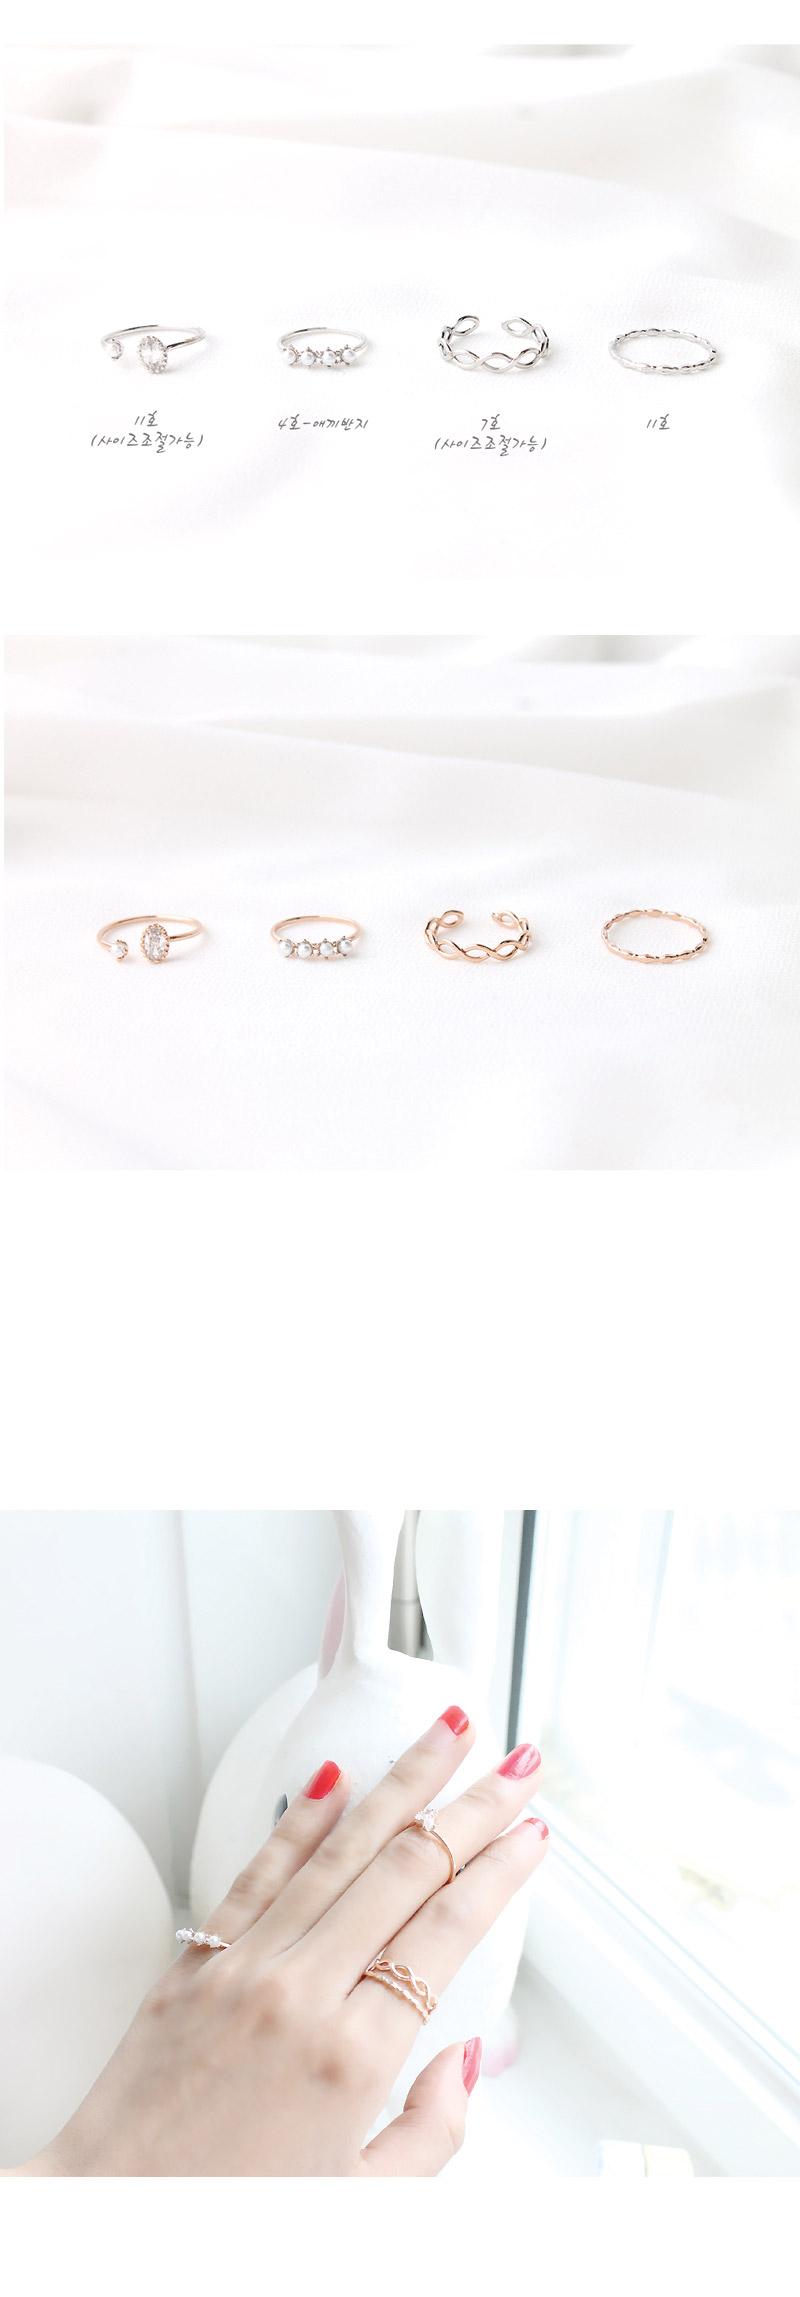 엔젤 반지 set - 라벨르, 22,000원, 실버, 실반지